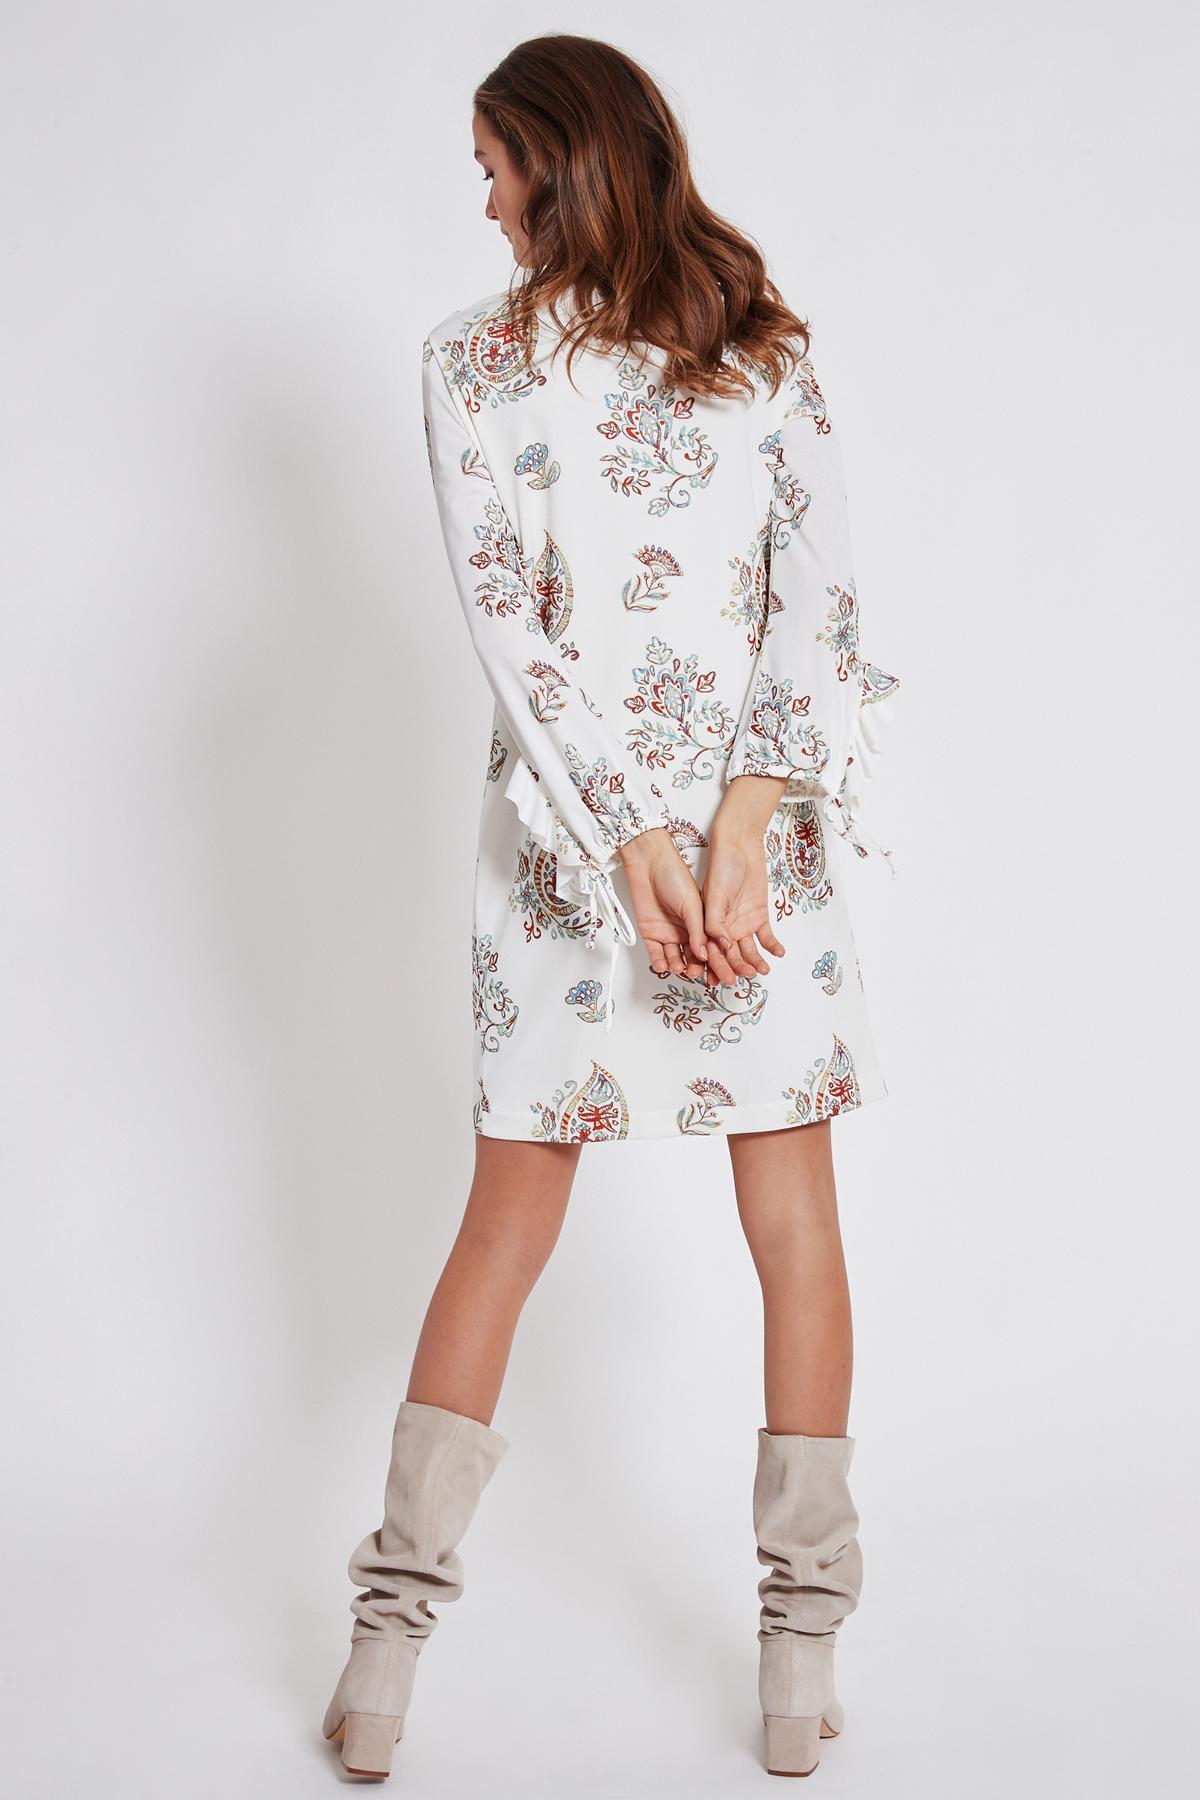 Rückansicht von Ana Alcazar Rüschen Kleid Tesnury  angezogen an Model